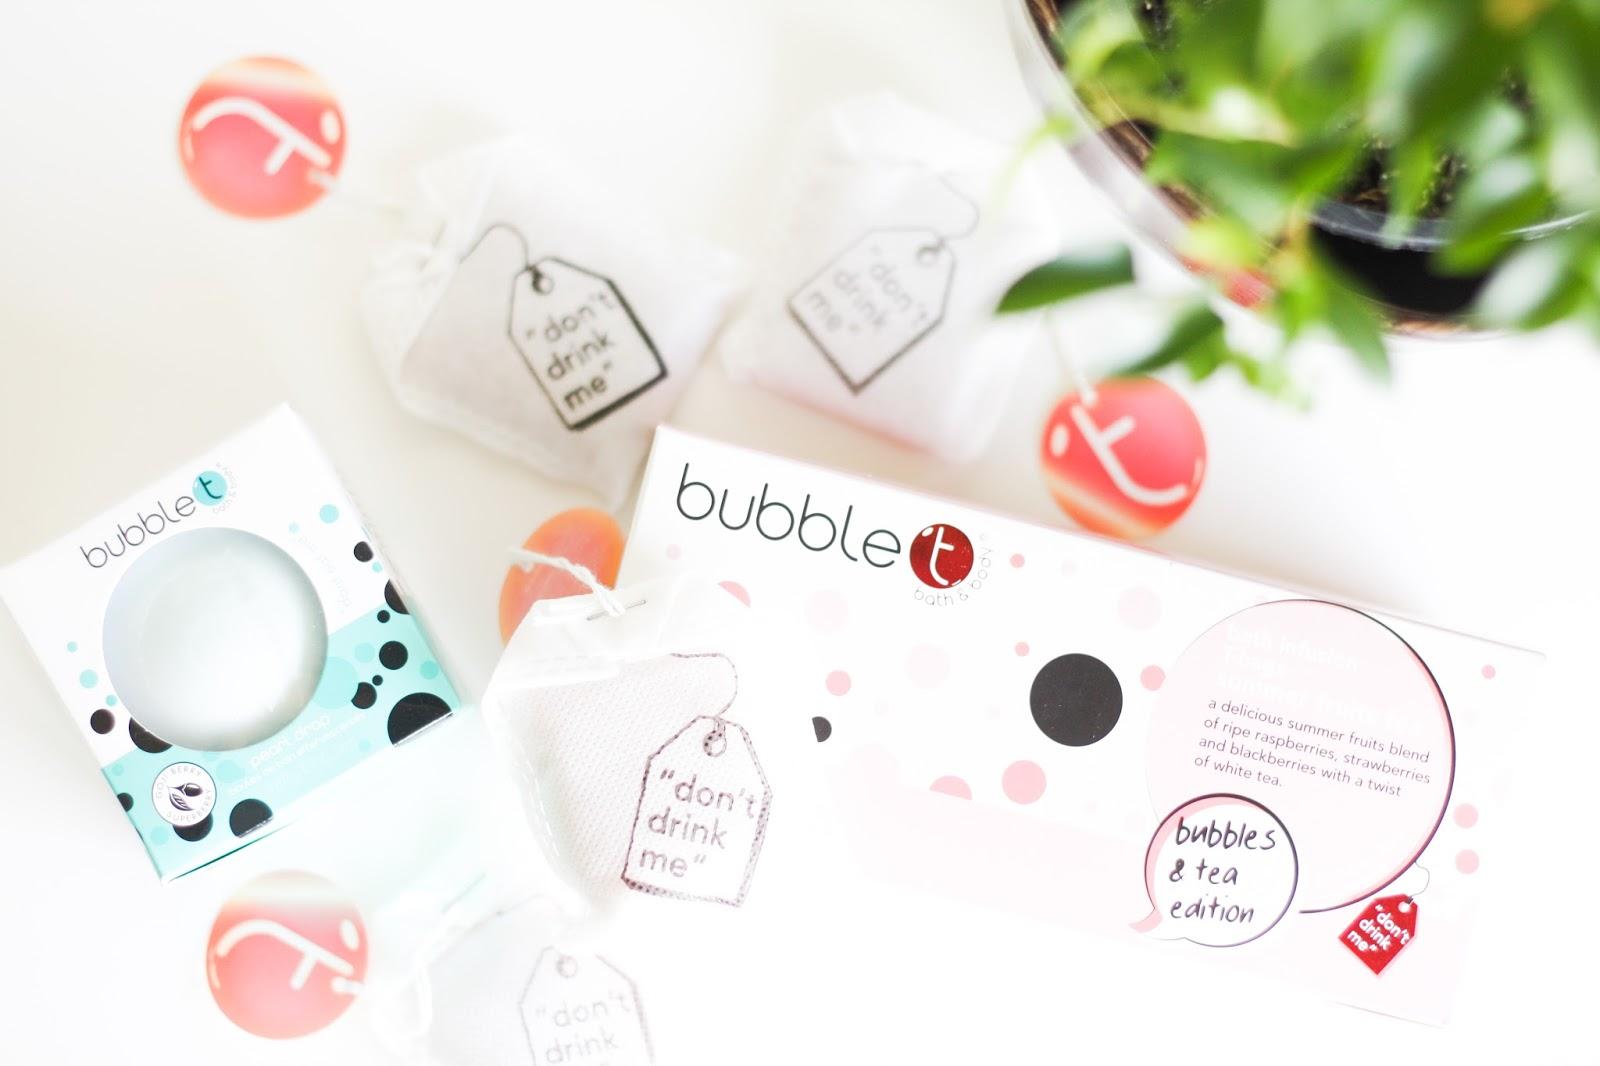 Bubble T: Don't drink me!